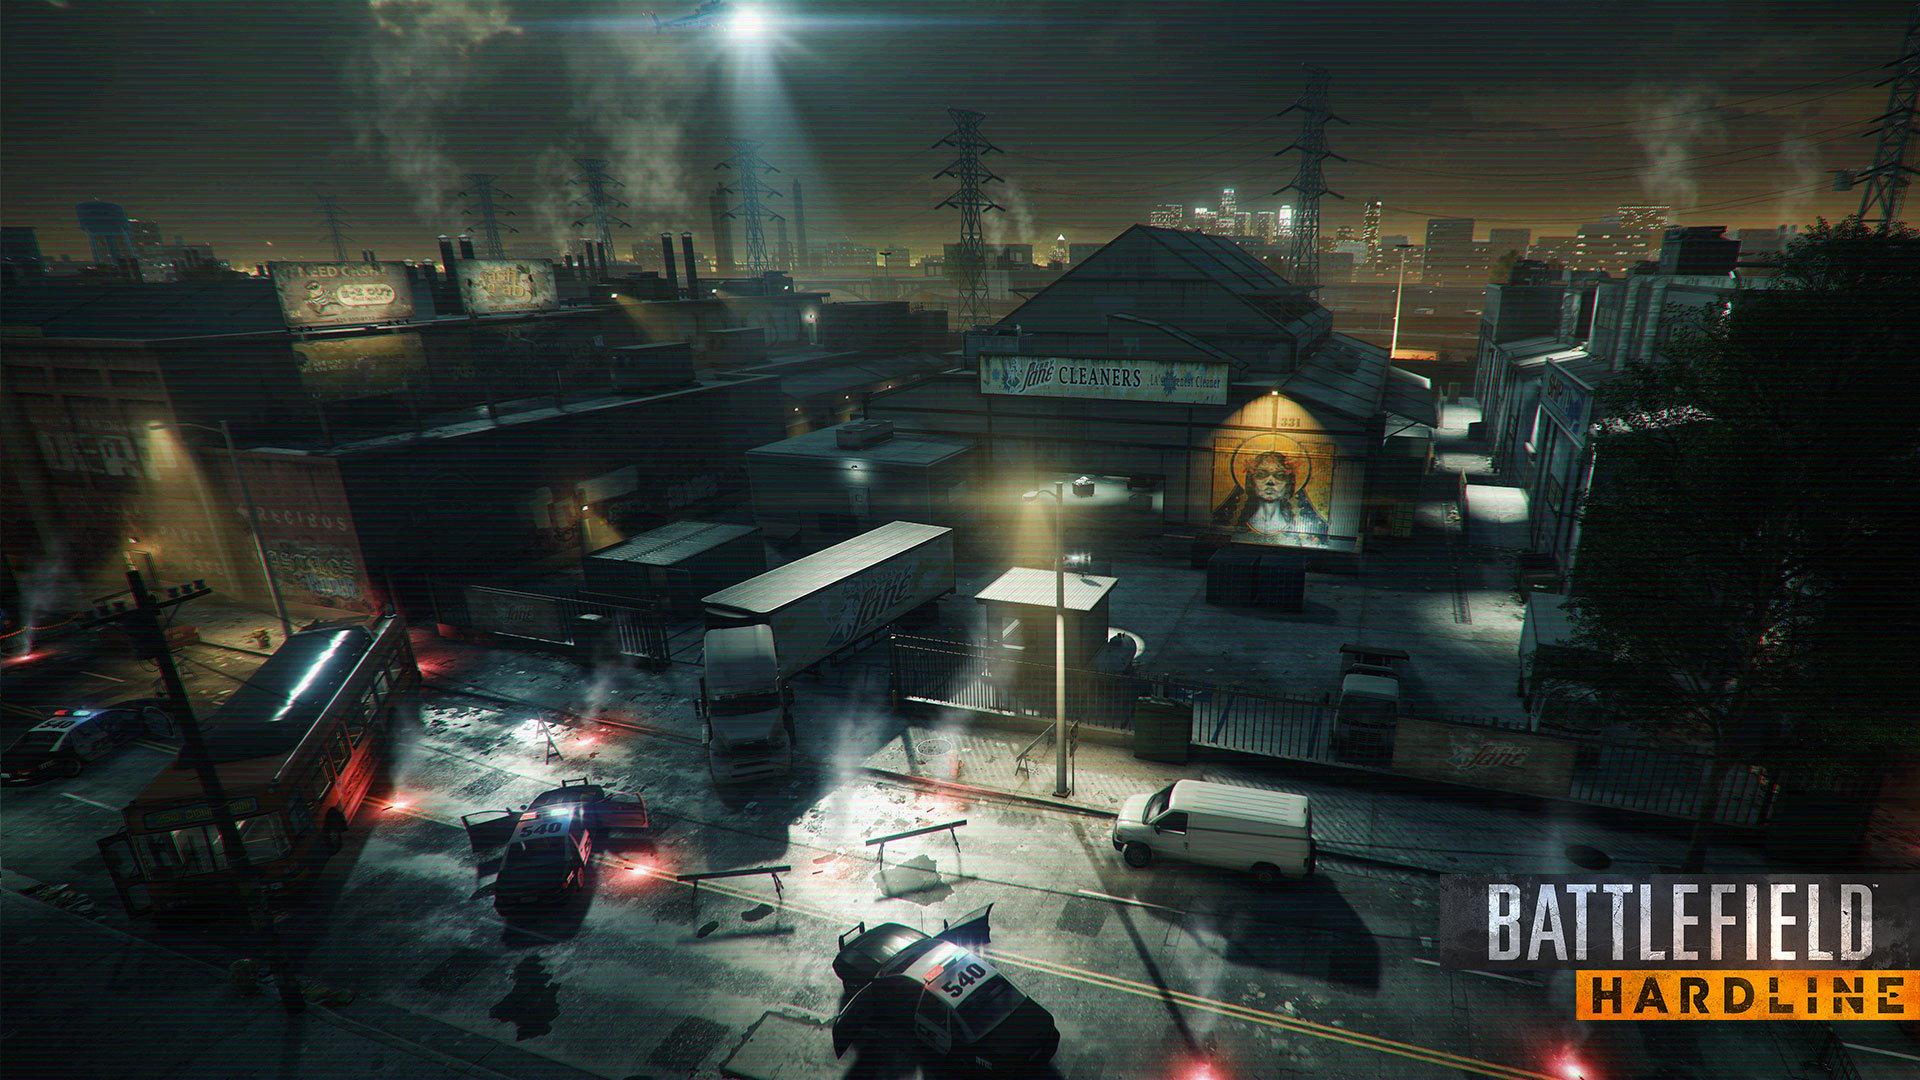 The Battlefield Hardline release date is finally here.